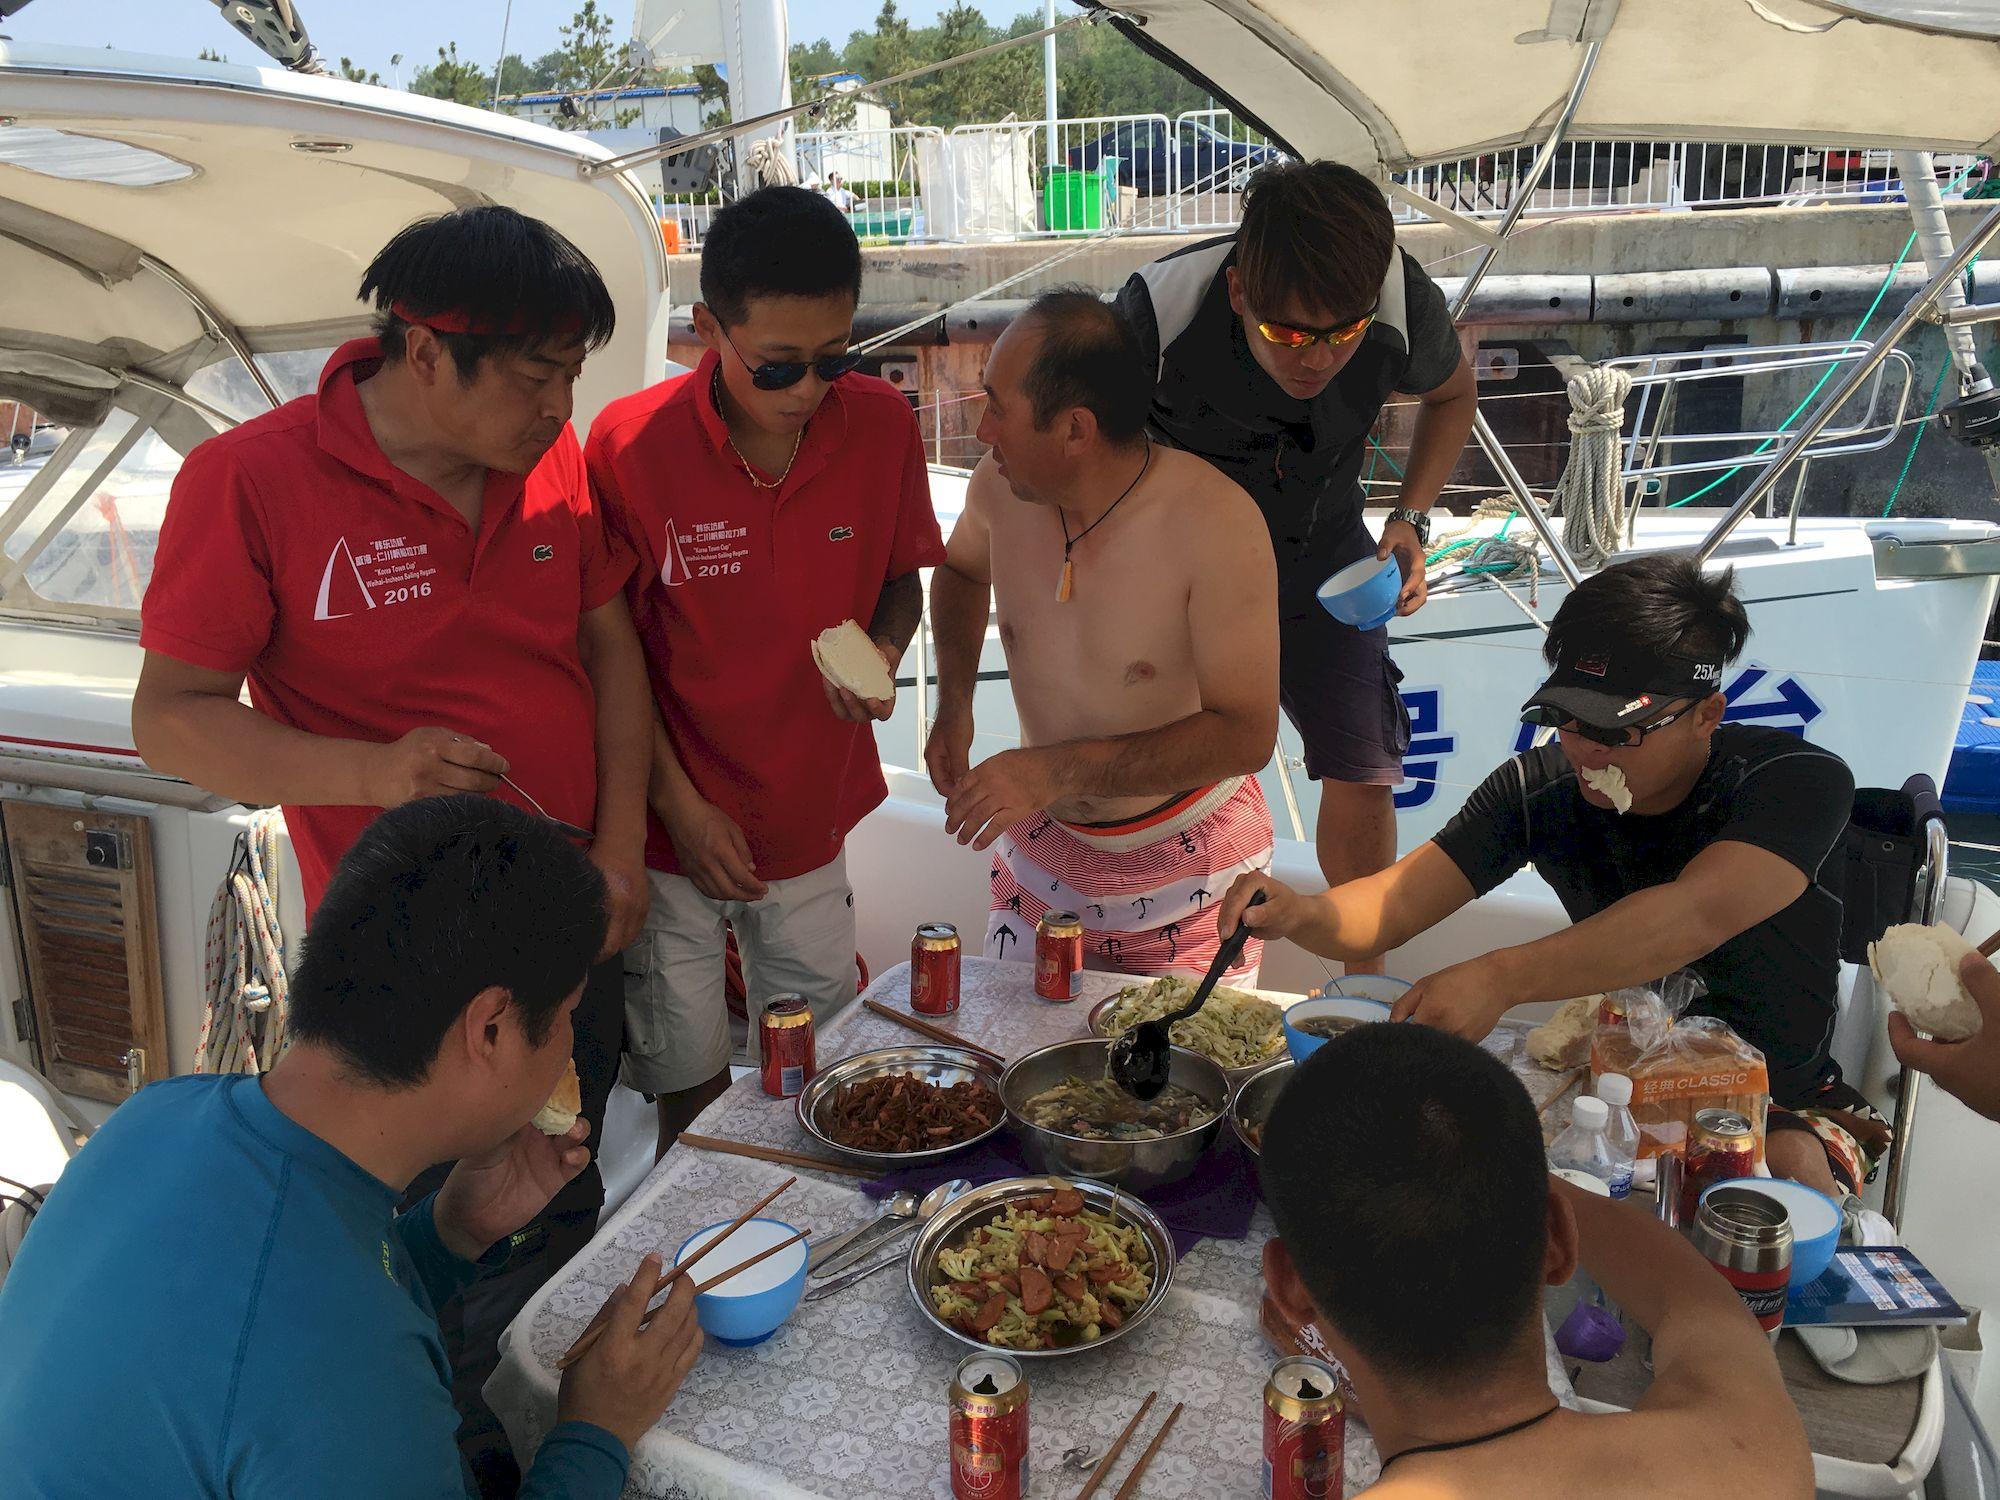 015-IMG_2798_千帆俱乐部我要航海网帆船队-2016威海-仁川国际帆船赛.JPG